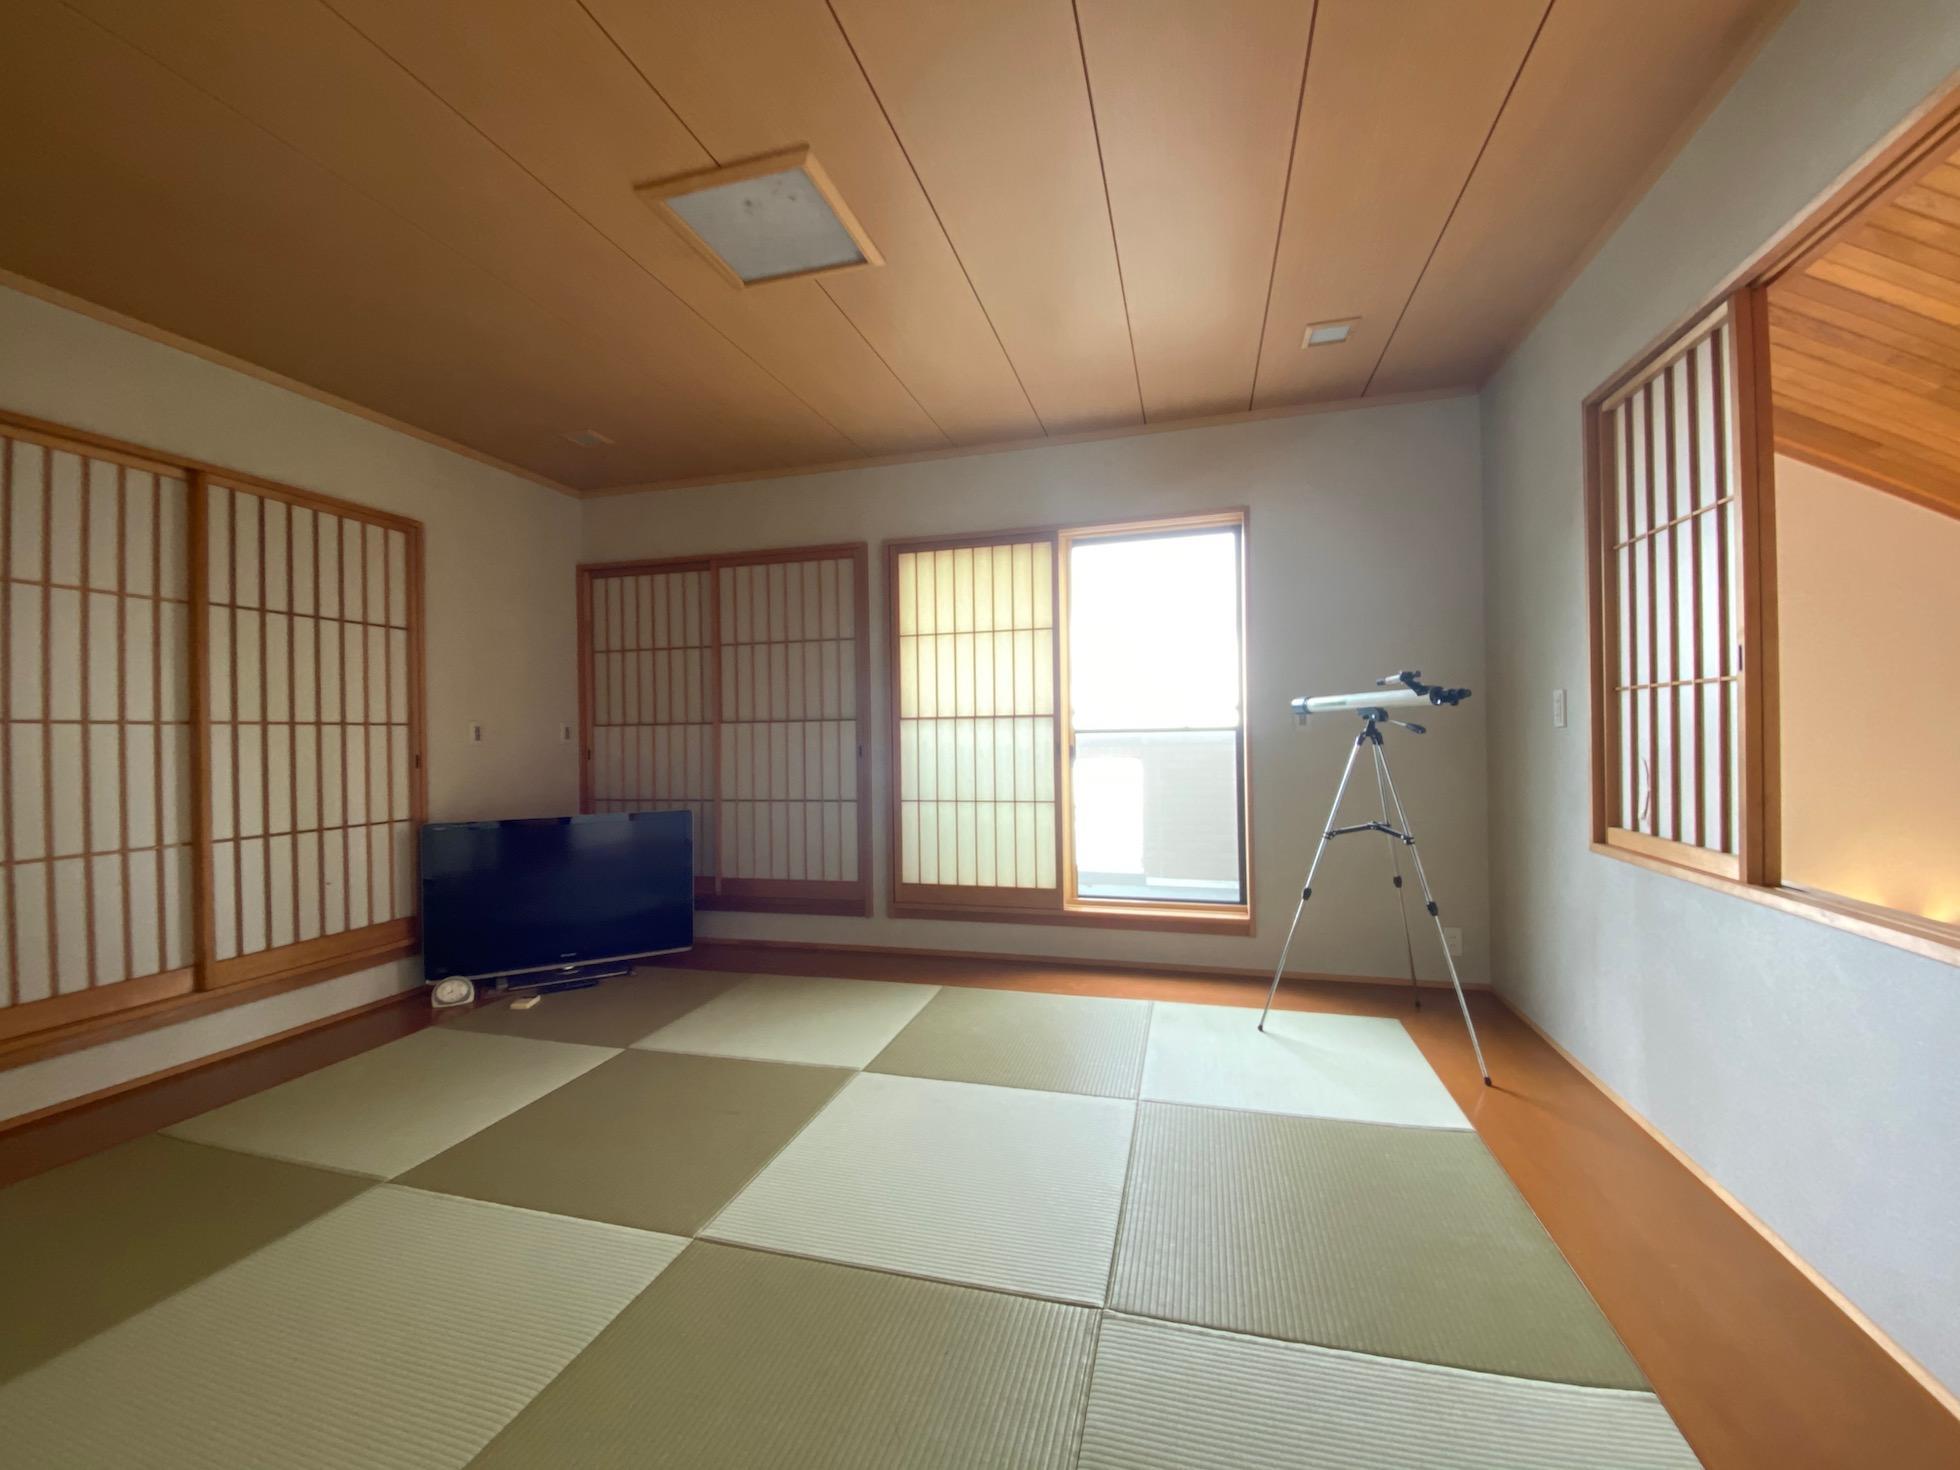 雑魚寝も可能な和室。